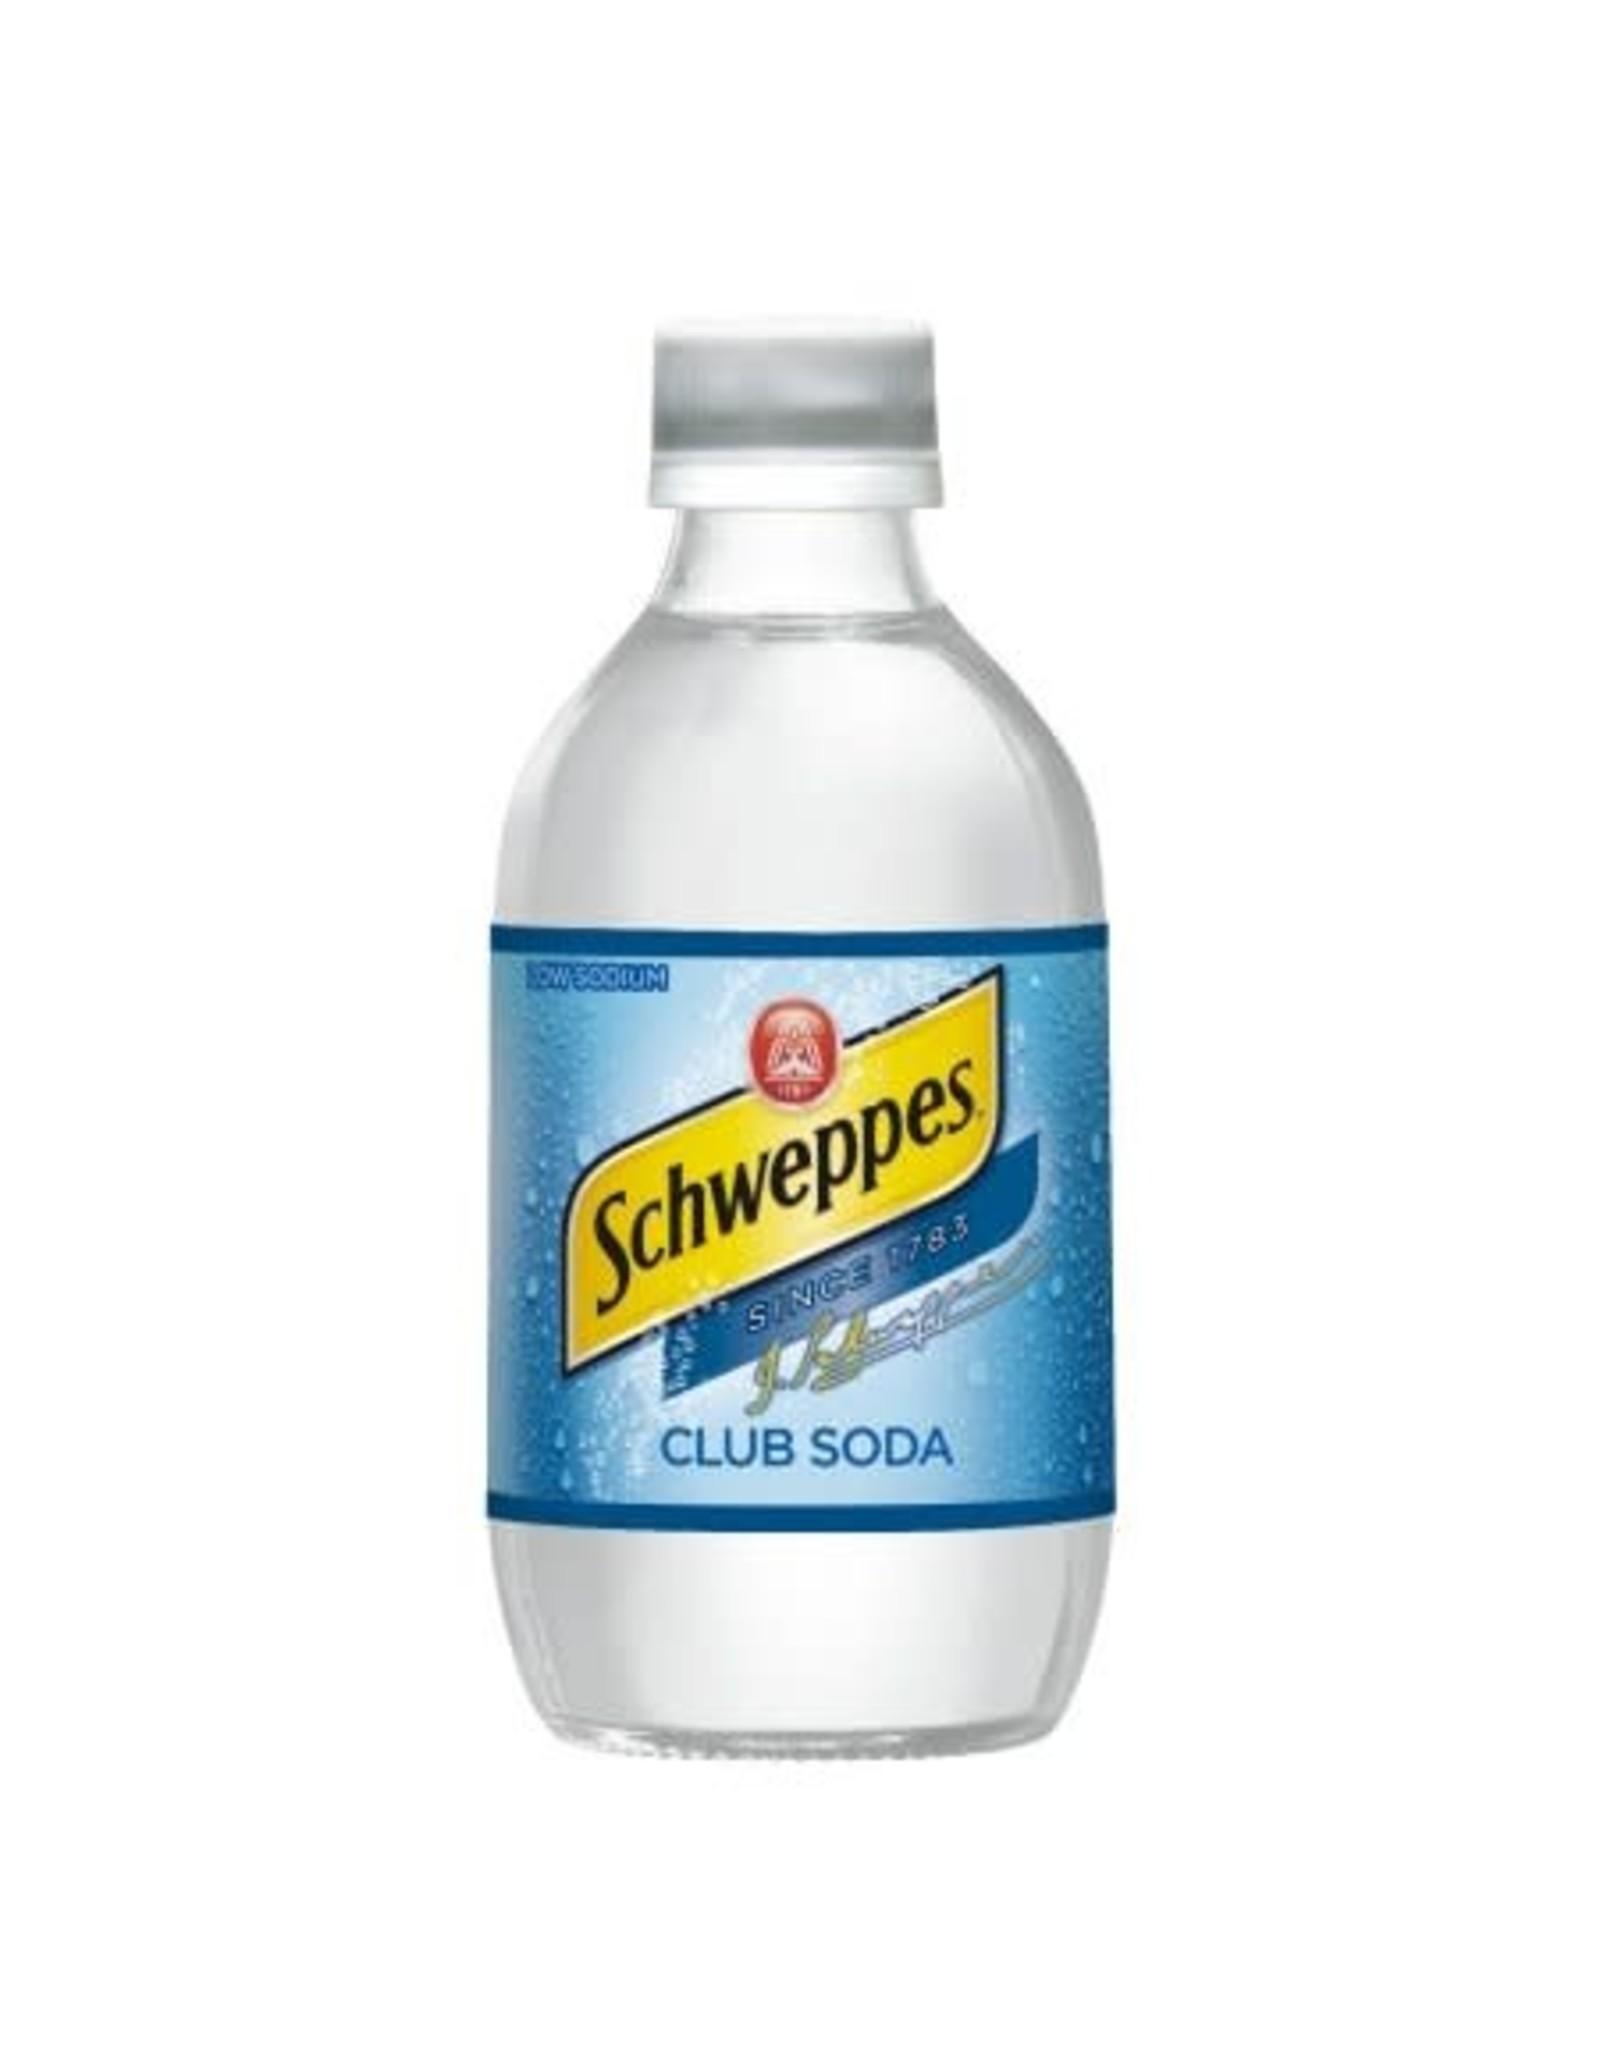 SCHWEPPES CLUB SODA 10OZ